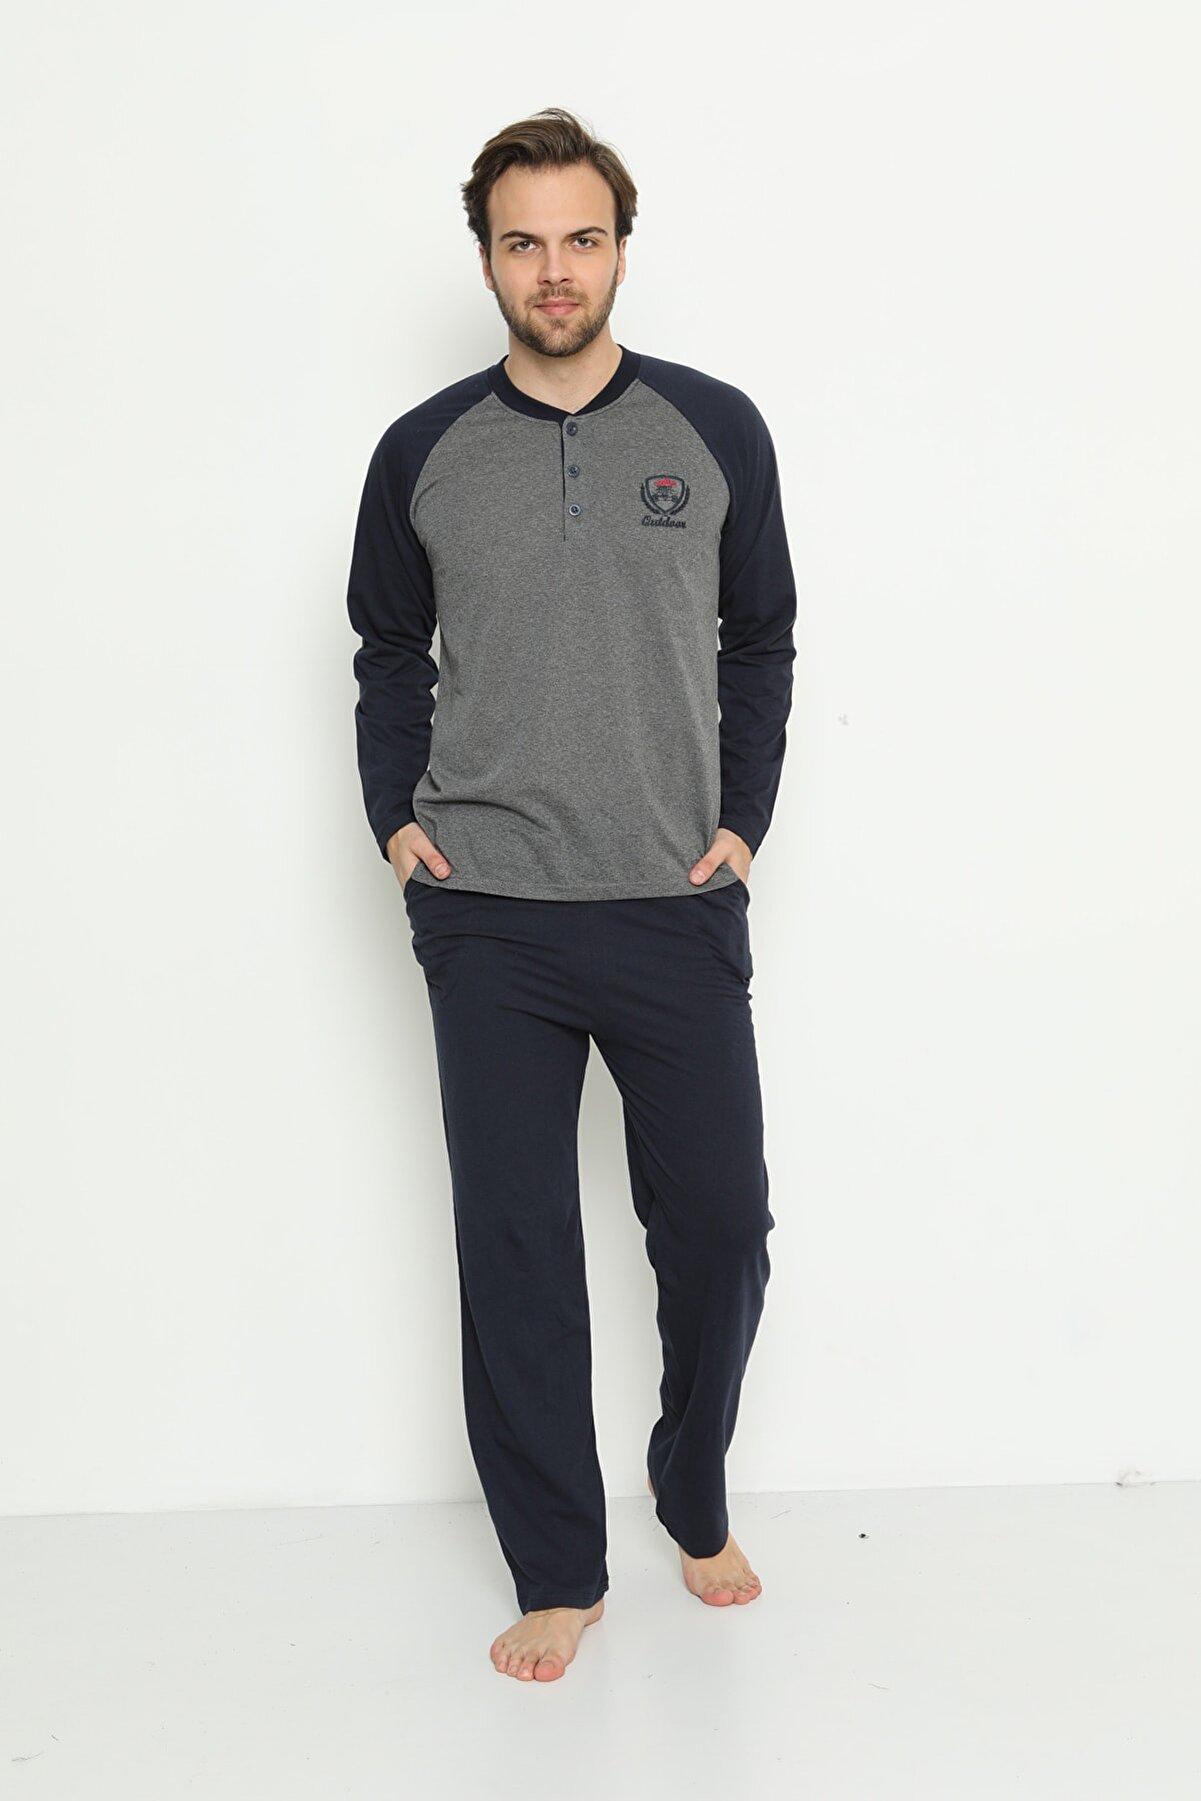 Akasya Erkek Gri Uzun Kollu Cepli ve Yaka Düğmeli Süprem Pijama Takımı 01737